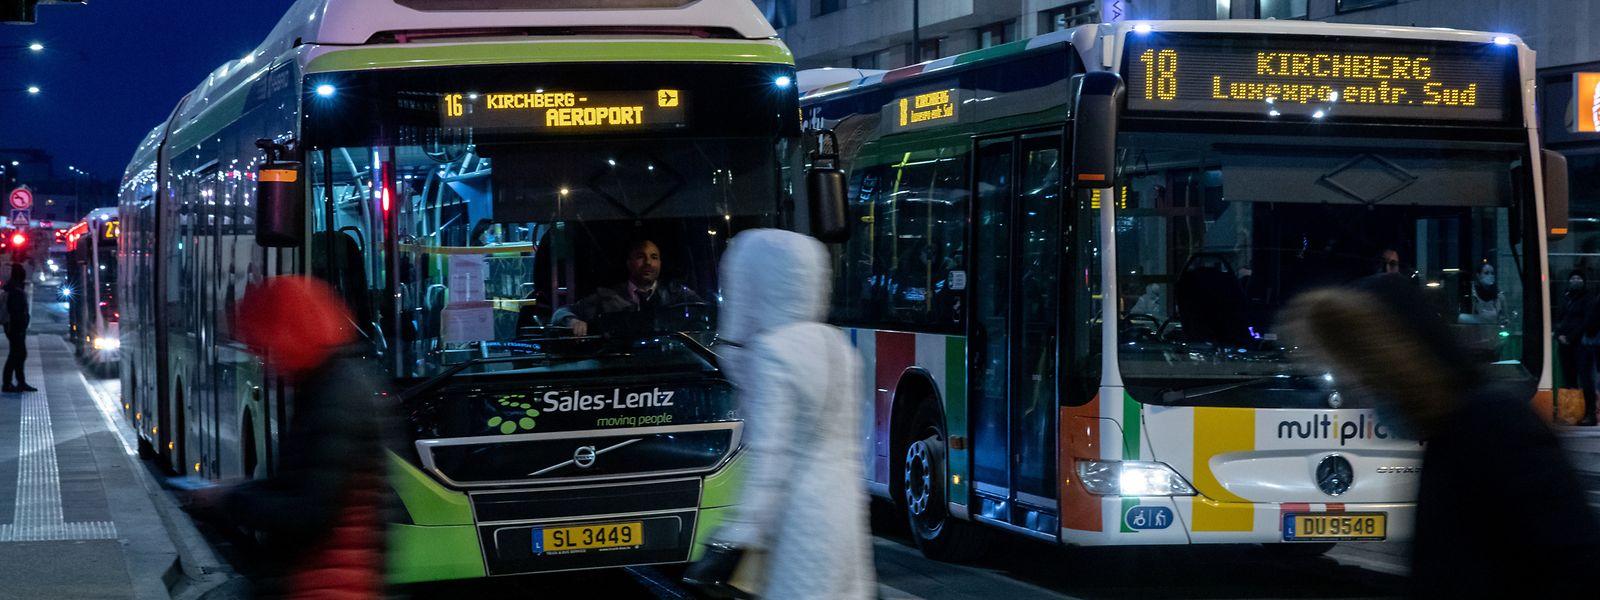 Von Sonntag an werden sich täglich 1.700 Busse weniger durch das Stadtzentrum quetschen. Die Nutzer der RGTR-Linien werden zur Tramstrecke gebracht, um dann per Schiene zum ihrem Ziel zu gelangen.